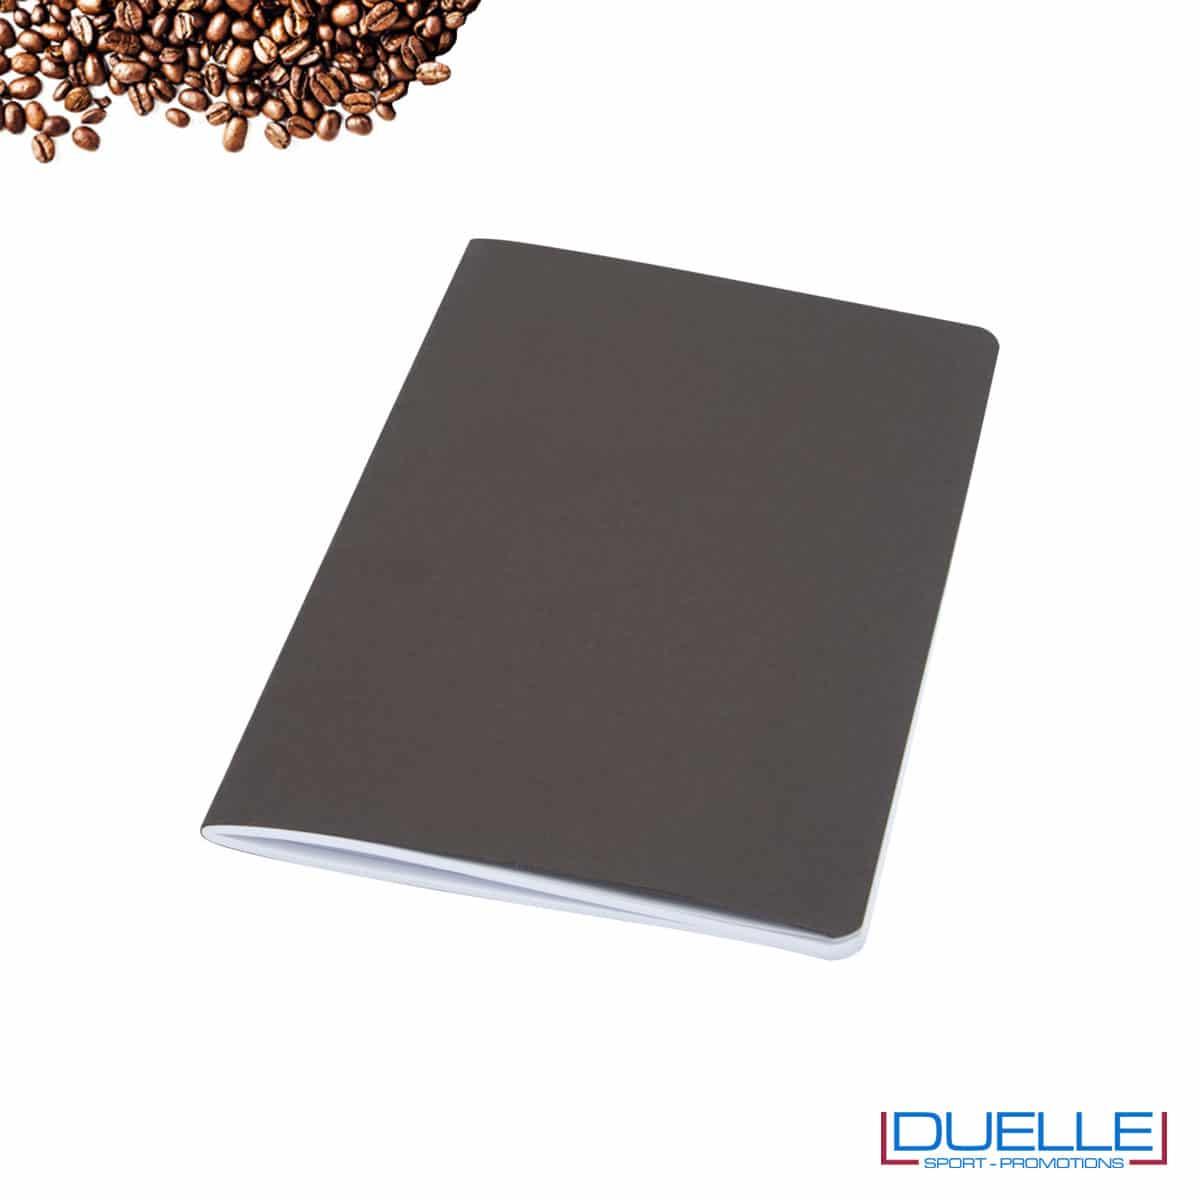 Quaderno carta riciclata con residui della lavorazione del caffè